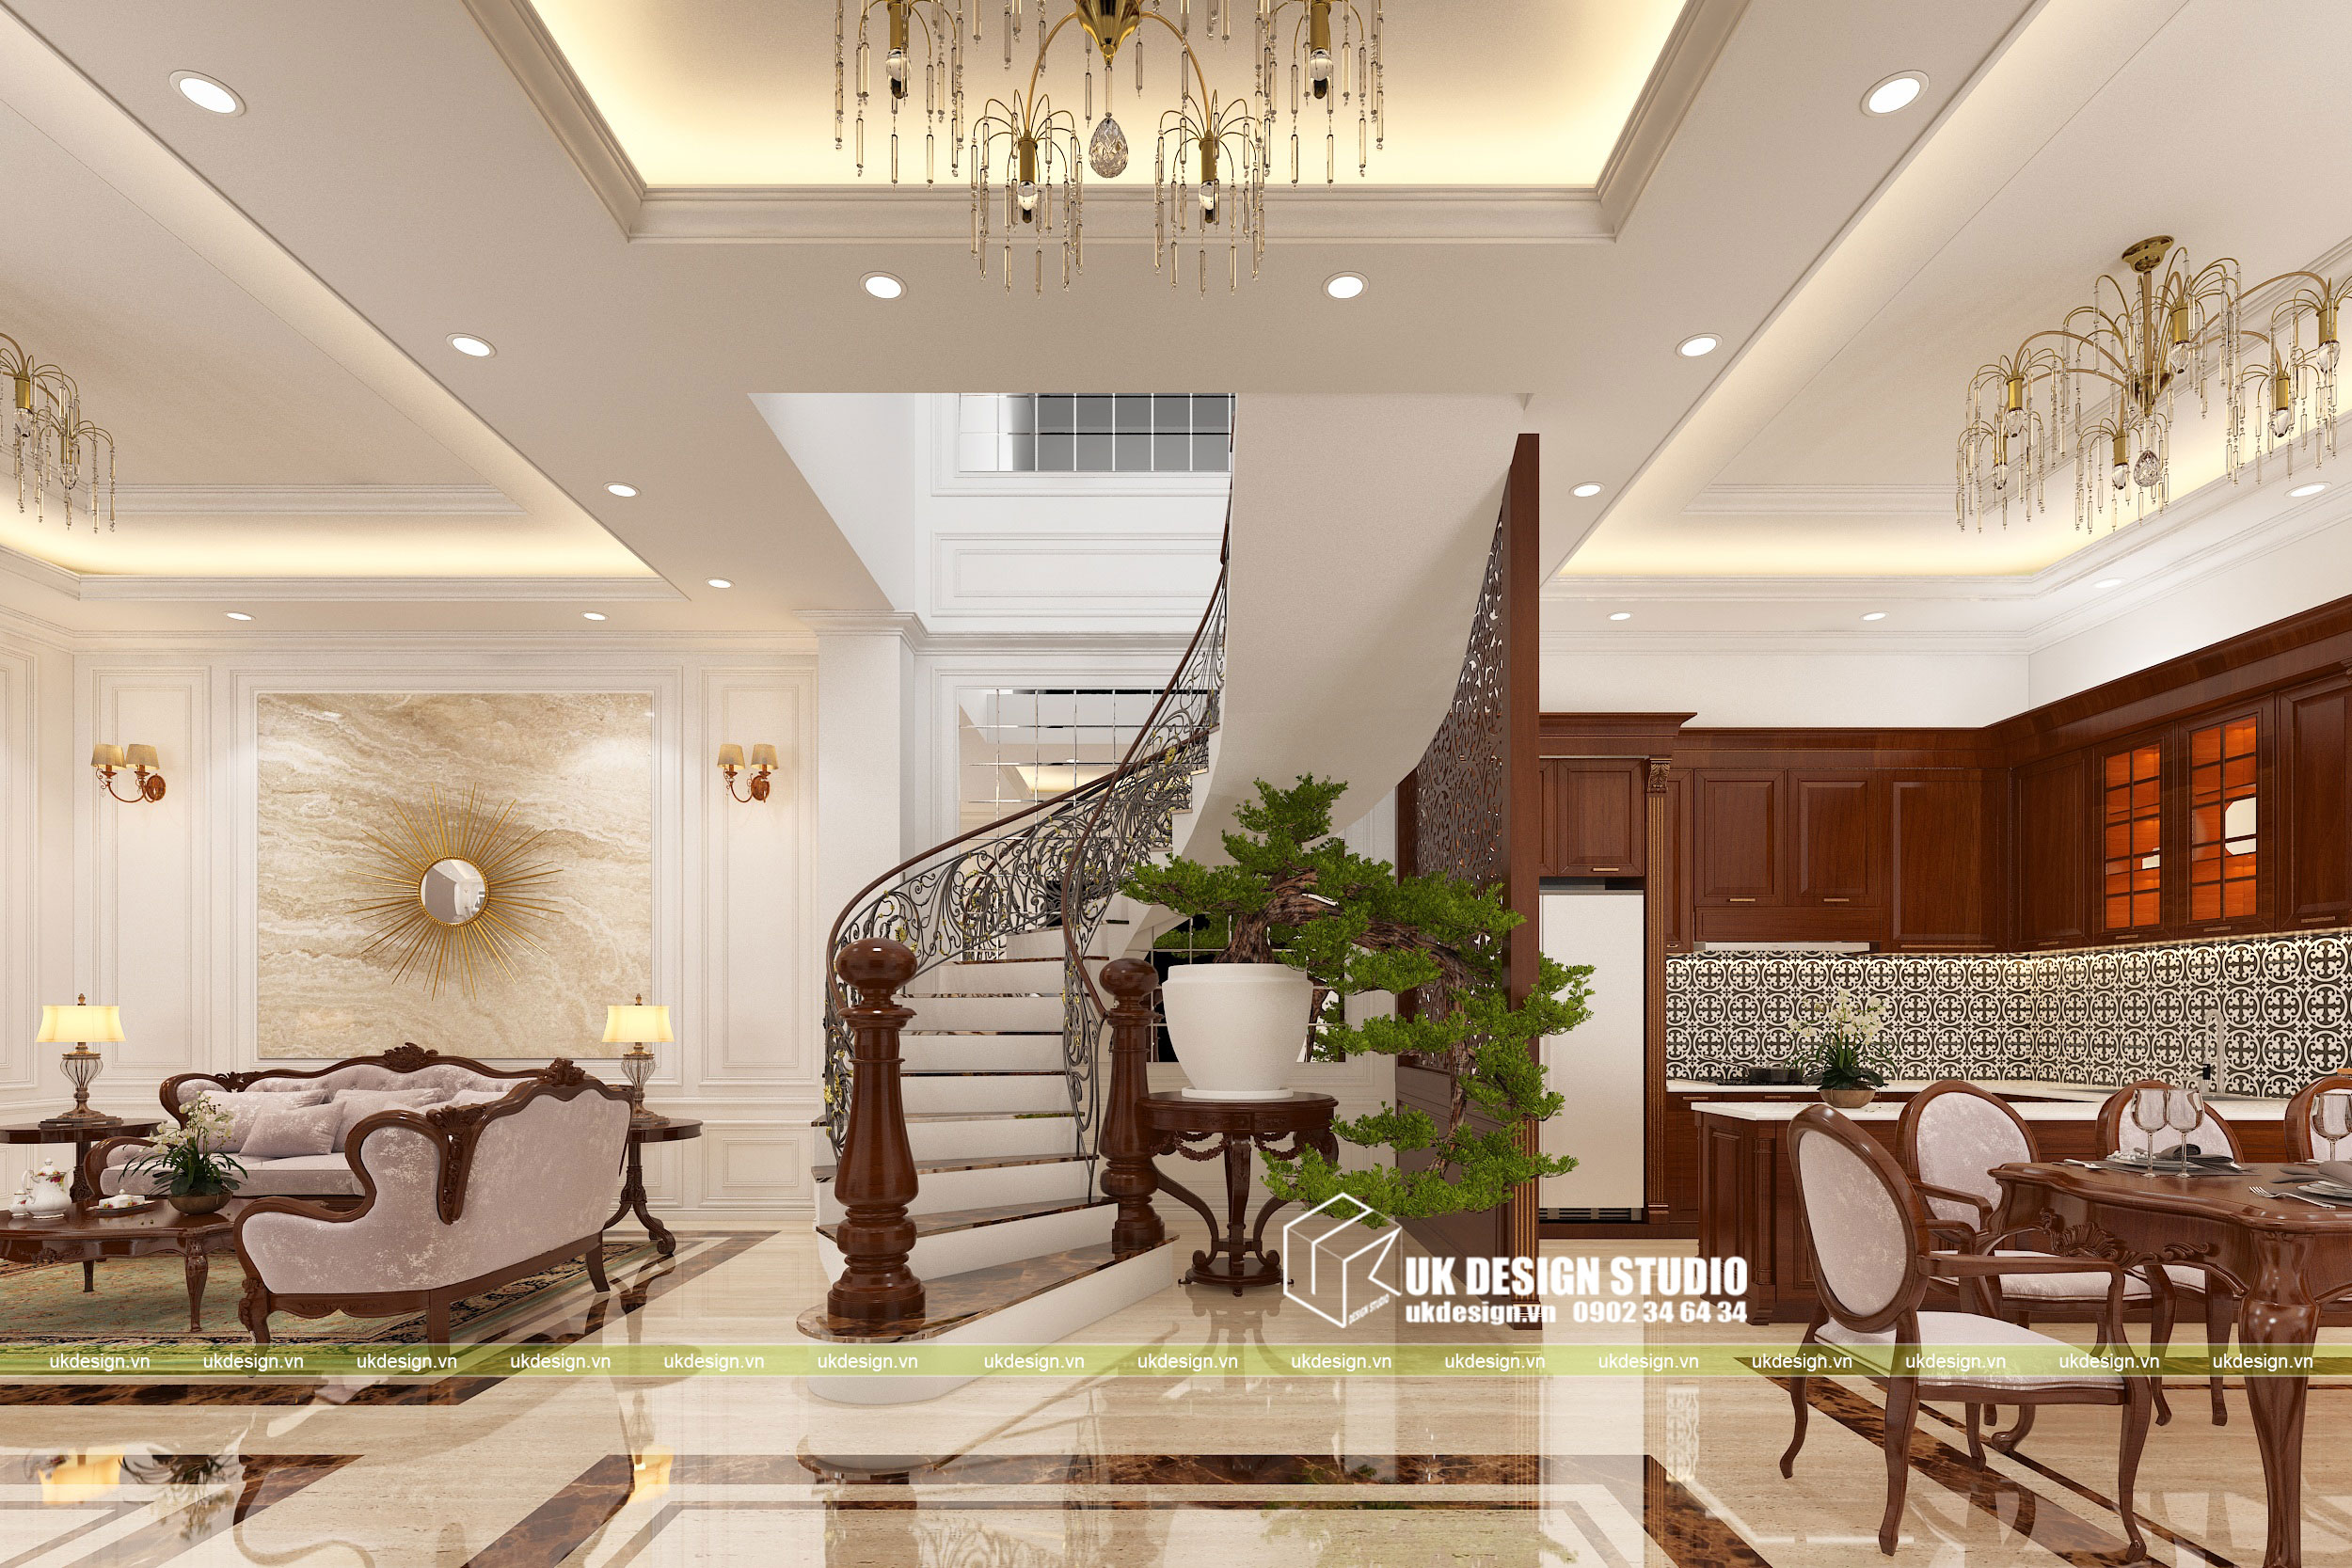 Thiết kế nội thất biệt thự cổ điển 2